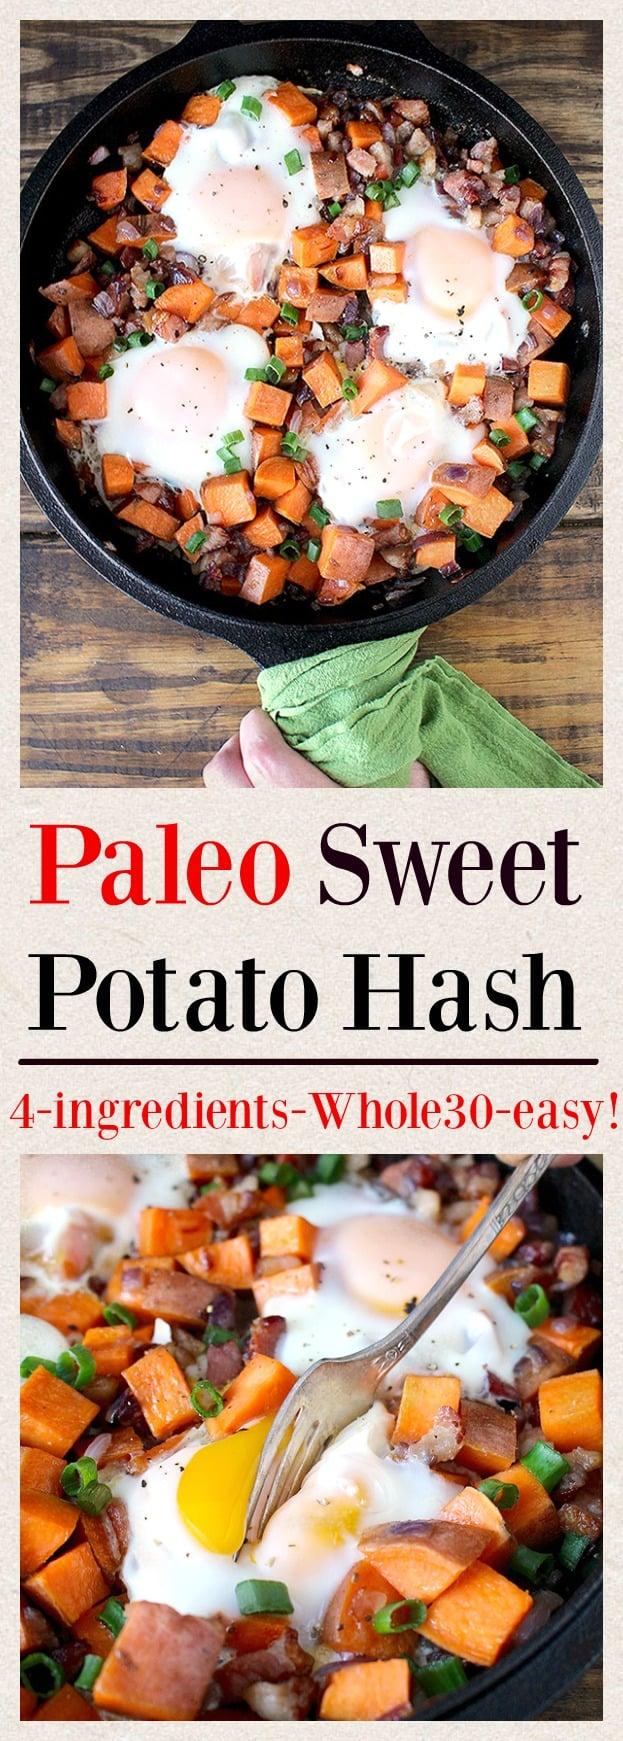 http://www.jaysbakingmecrazy.com/2016/02/01/paleo-sweet-potato-hash/